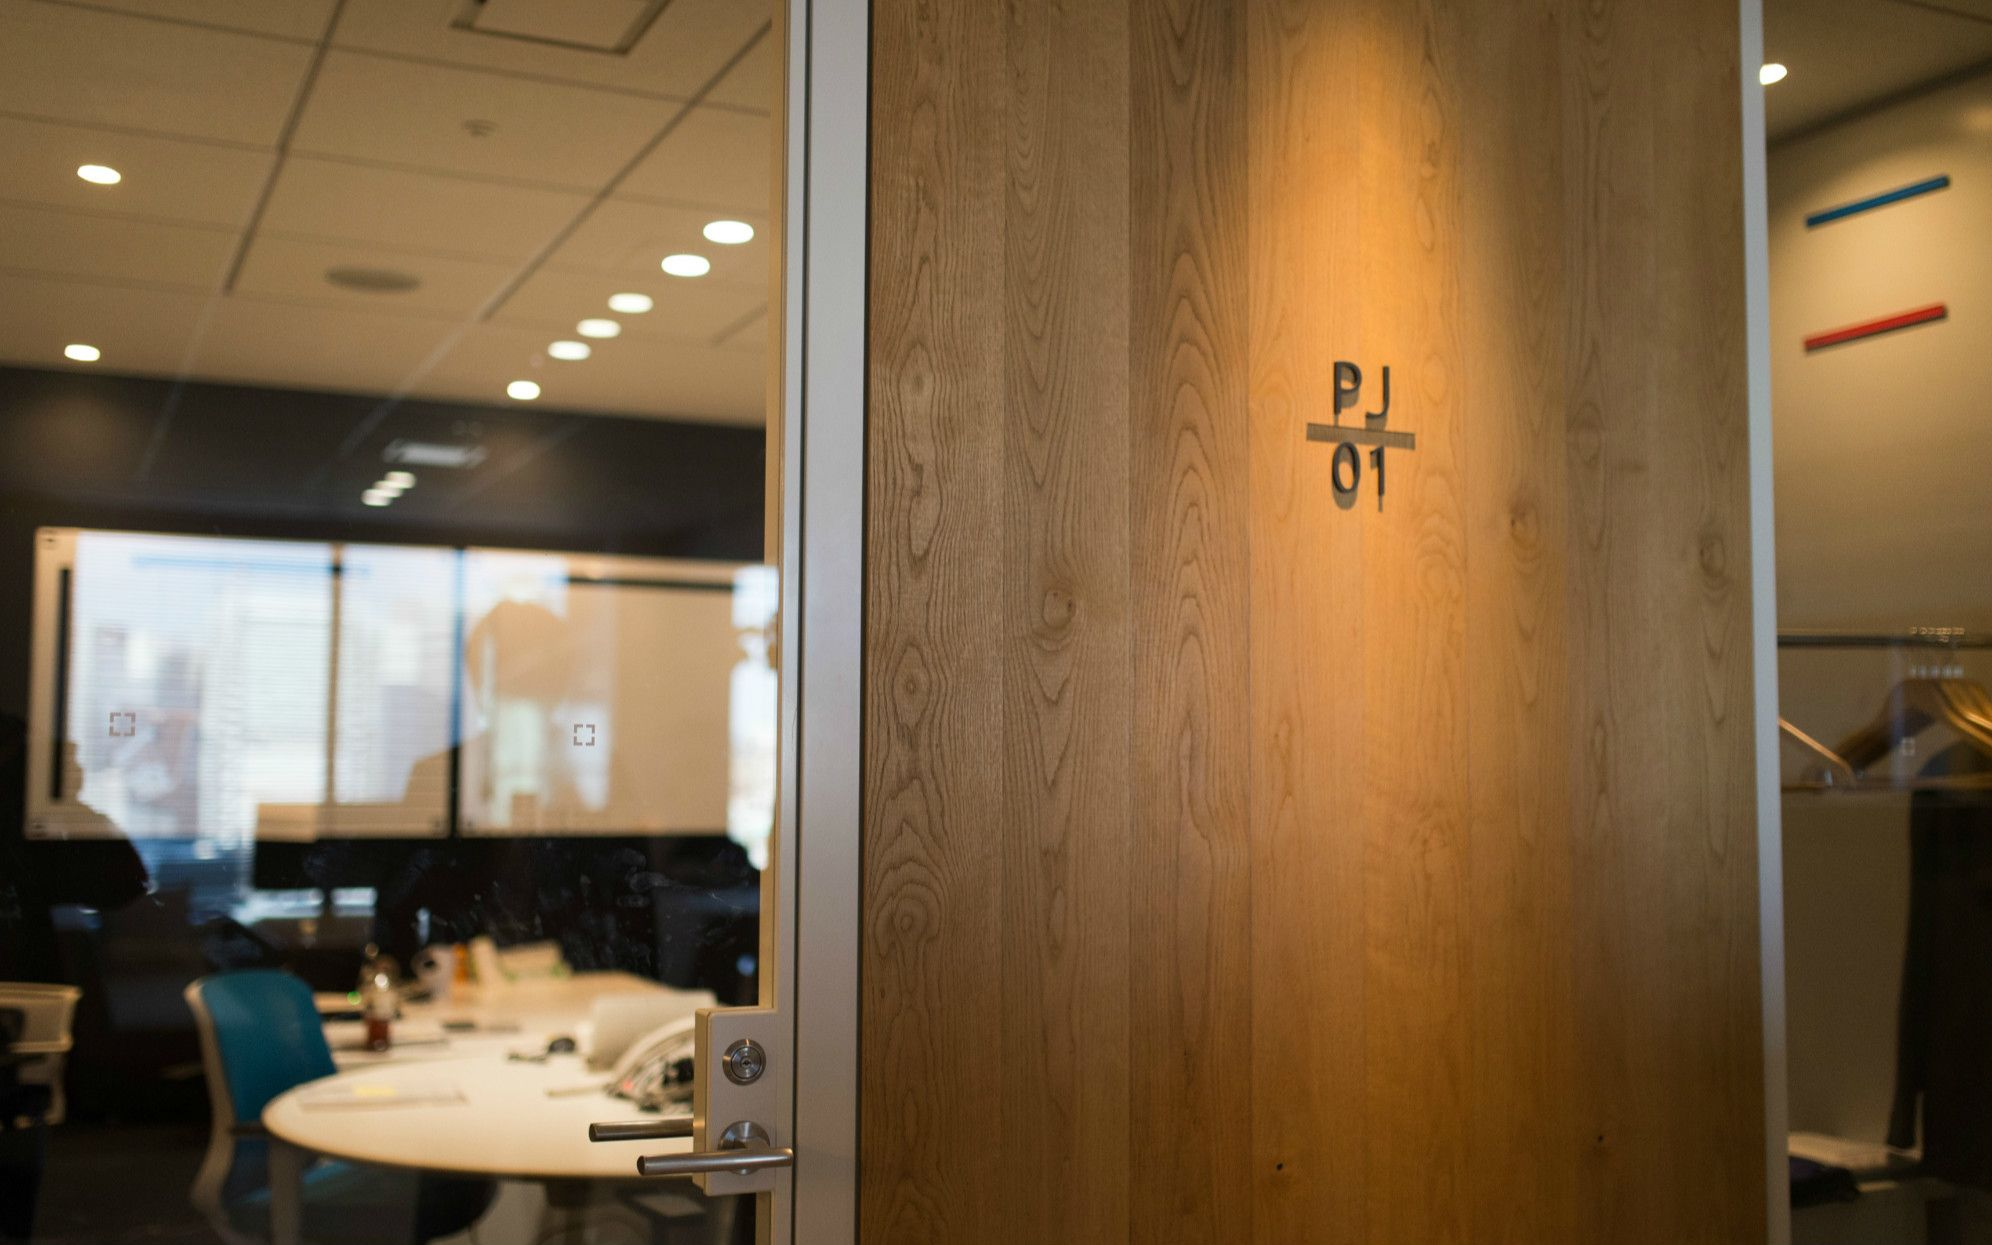 プロジェクトルーム。モニターをドア側に設置することで外からも社員の顔が見える。